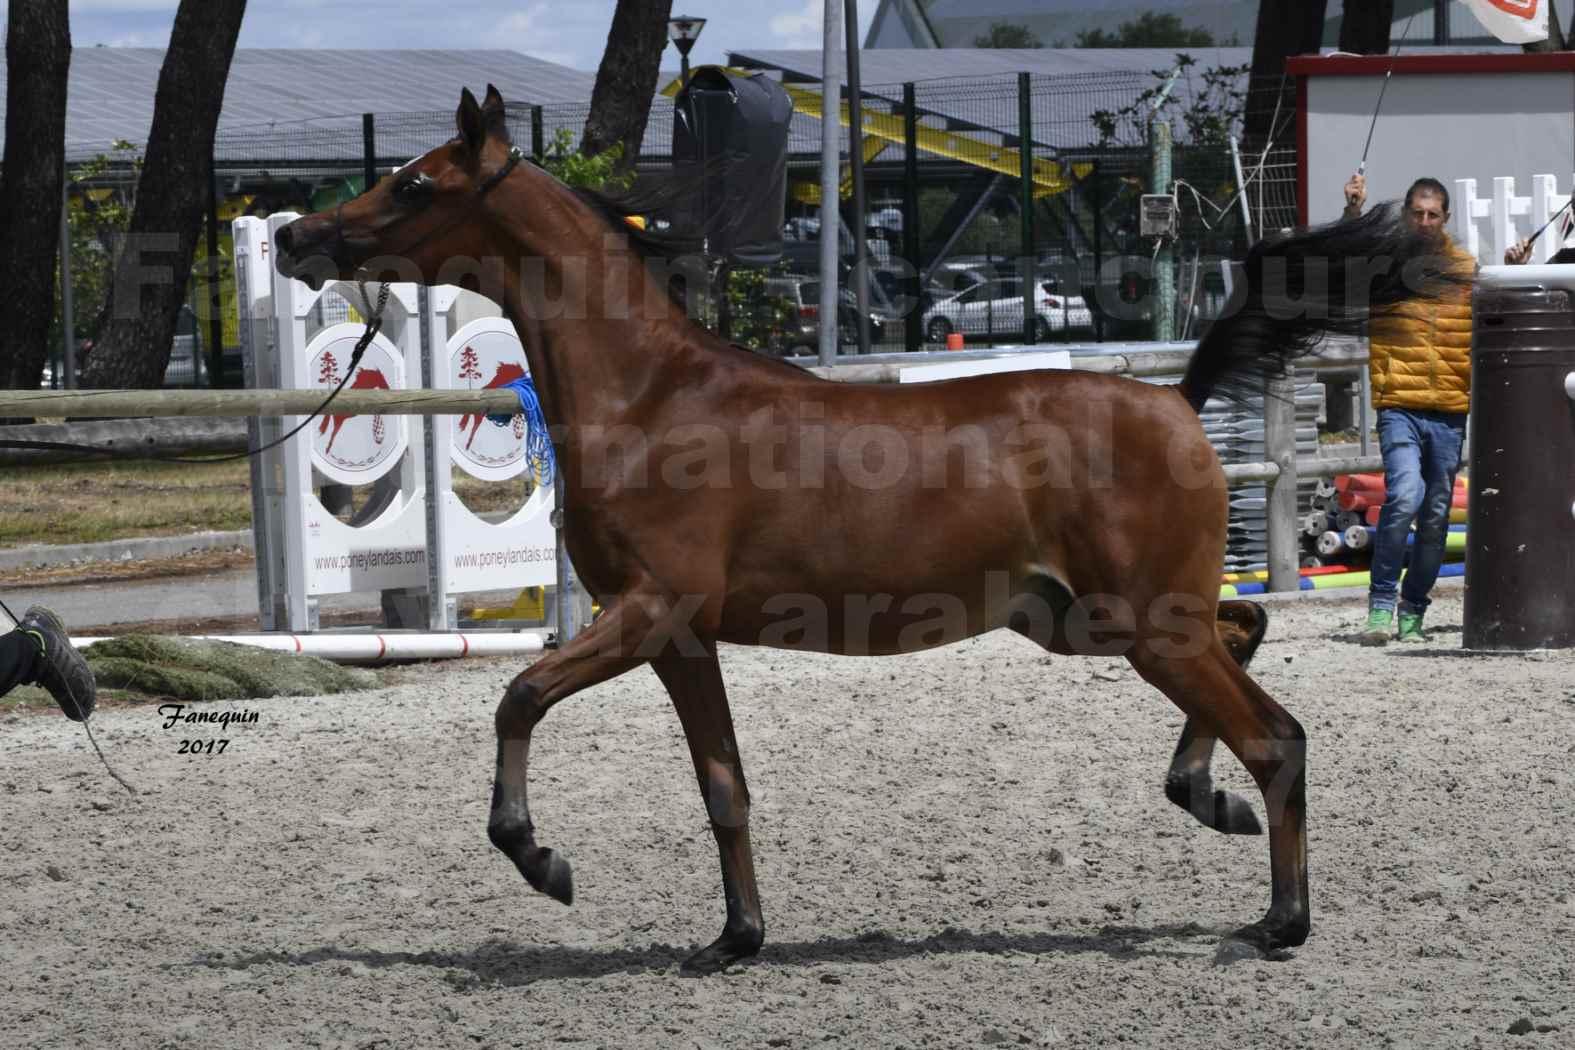 """Concours international de chevaux ARABES - """"Arabian Masters"""" Bordeaux 2017 - JABBOK DE NAUTIAC - 03"""